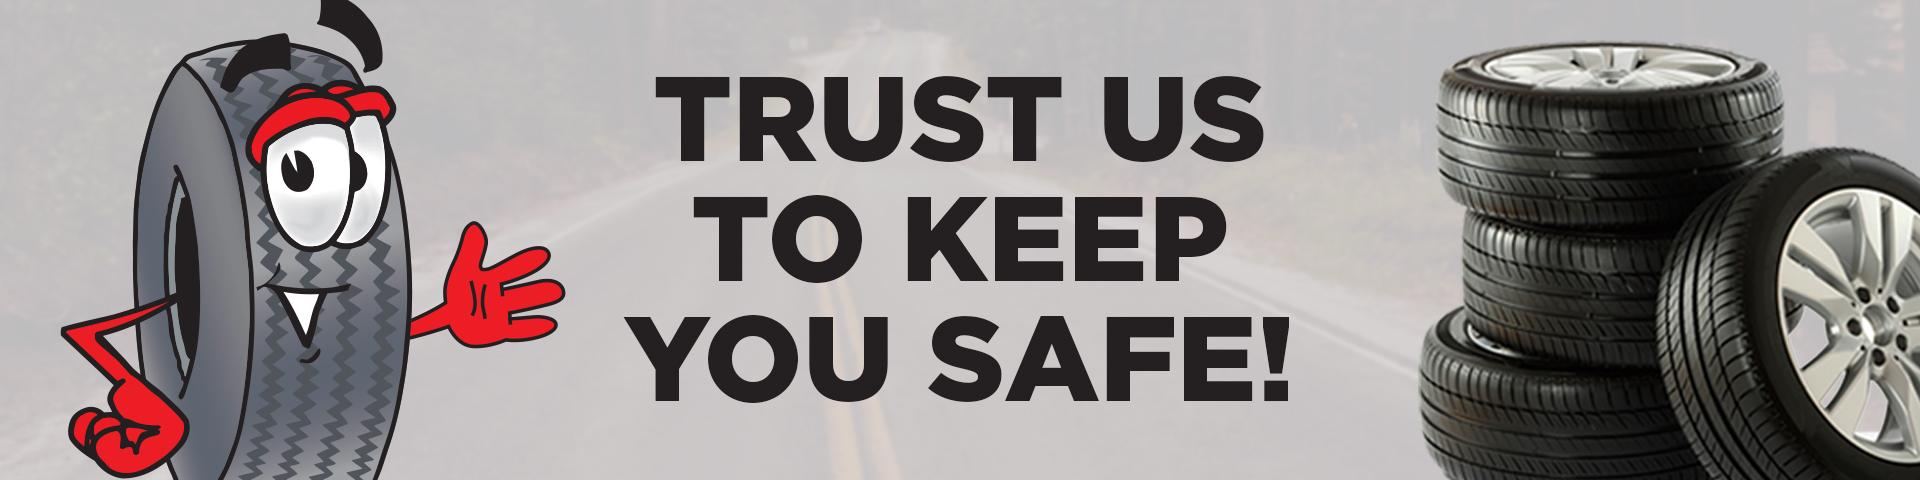 TP-Brake_Trust-Us_1920x480